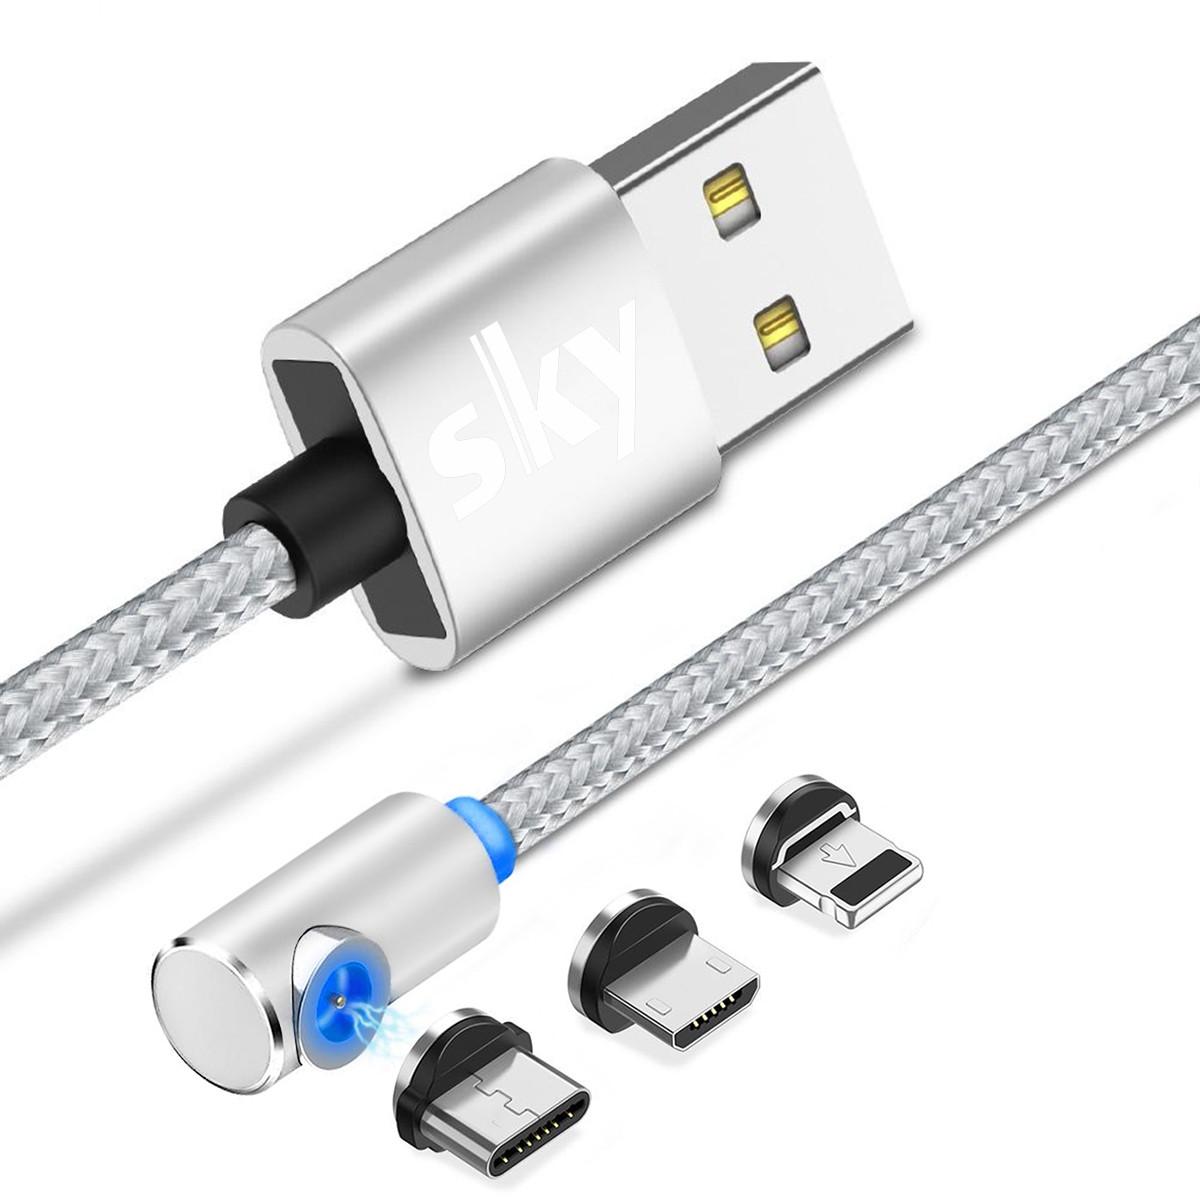 Магнітний кабель SKY 3в1 (L) для заряджання (100 см) Silver